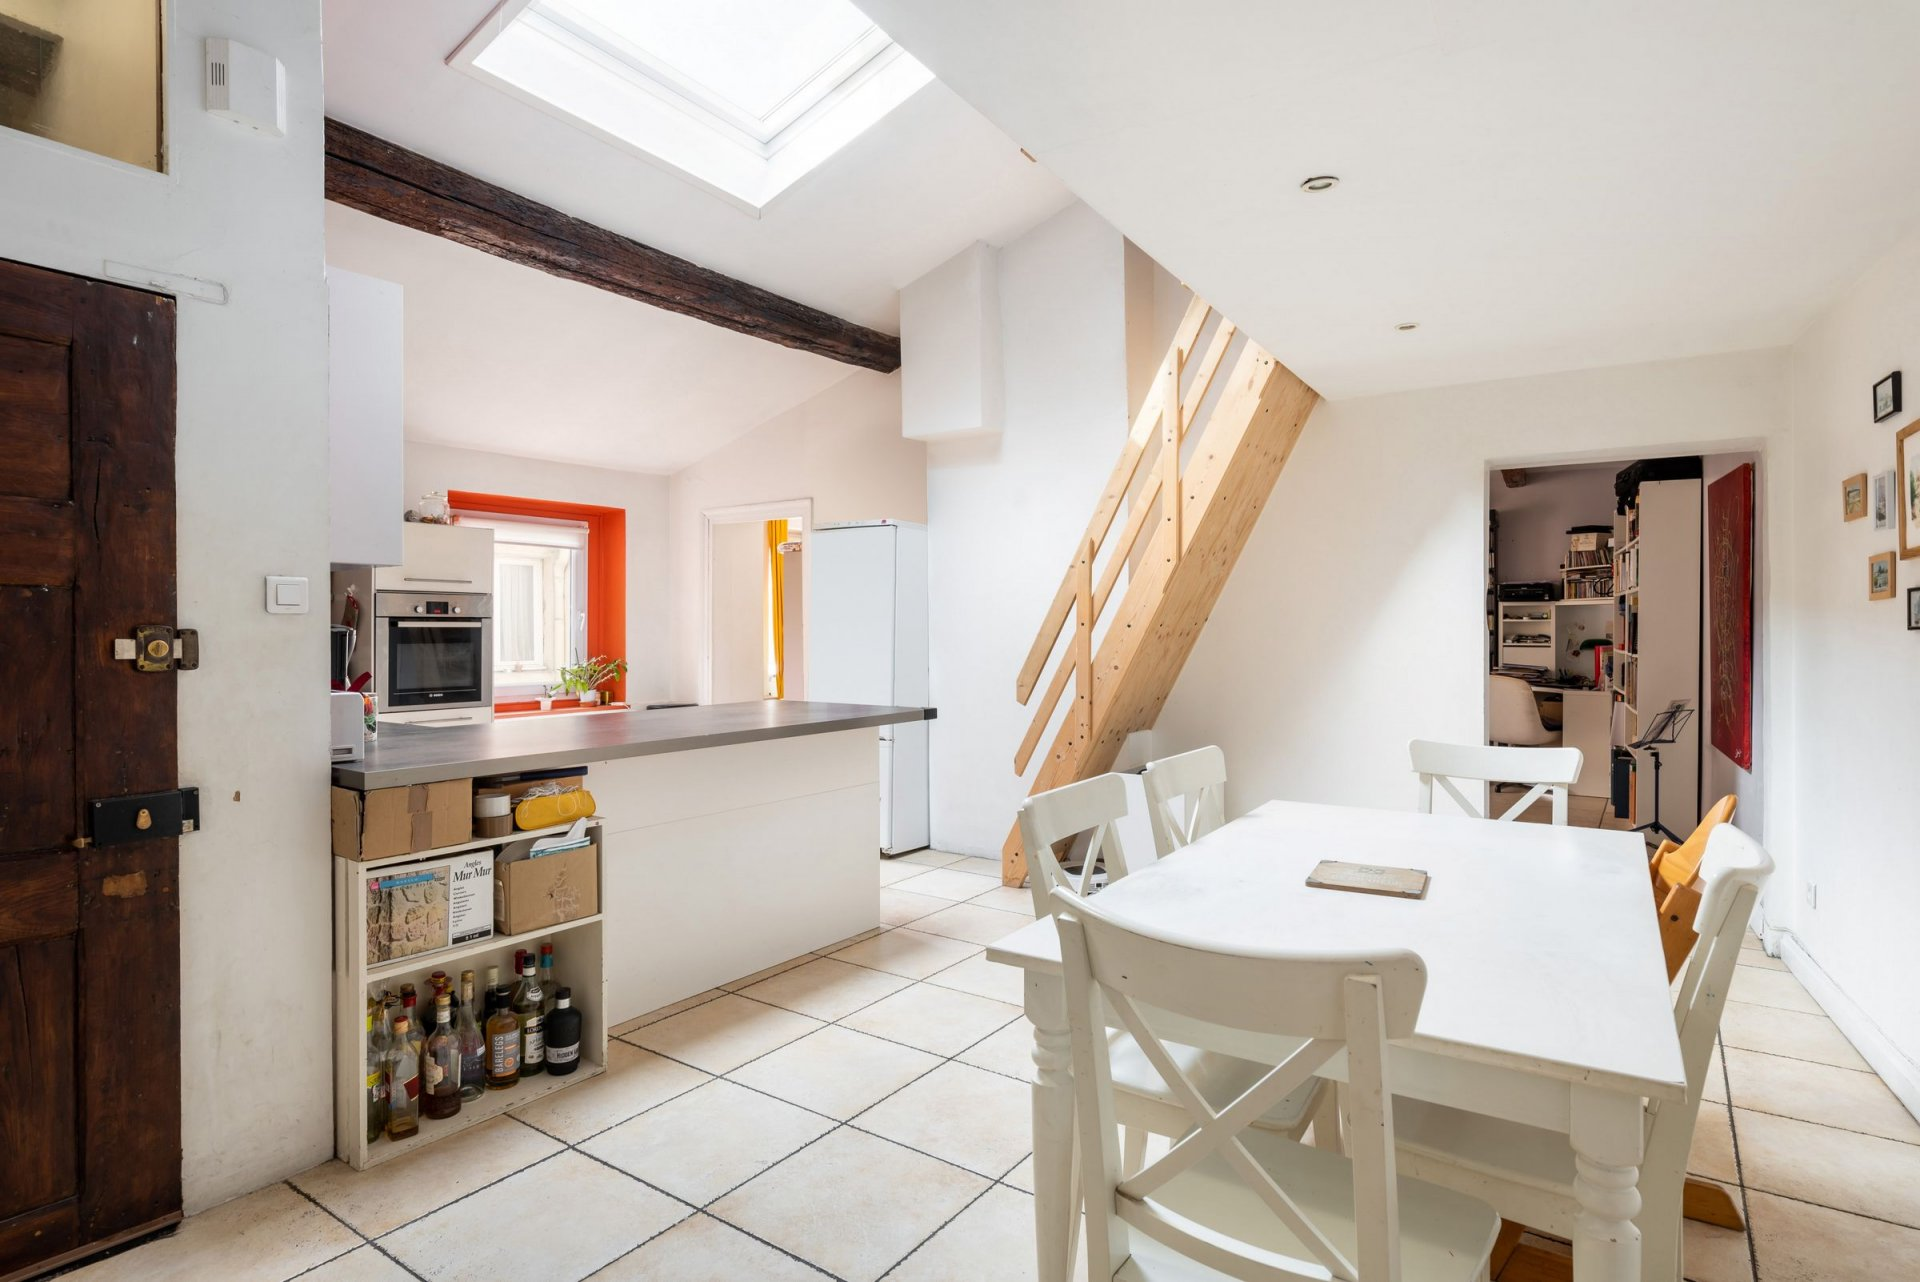 Achat Appartement Surface de 126.5 m², 4 pièces, Lyon 2ème (69002)